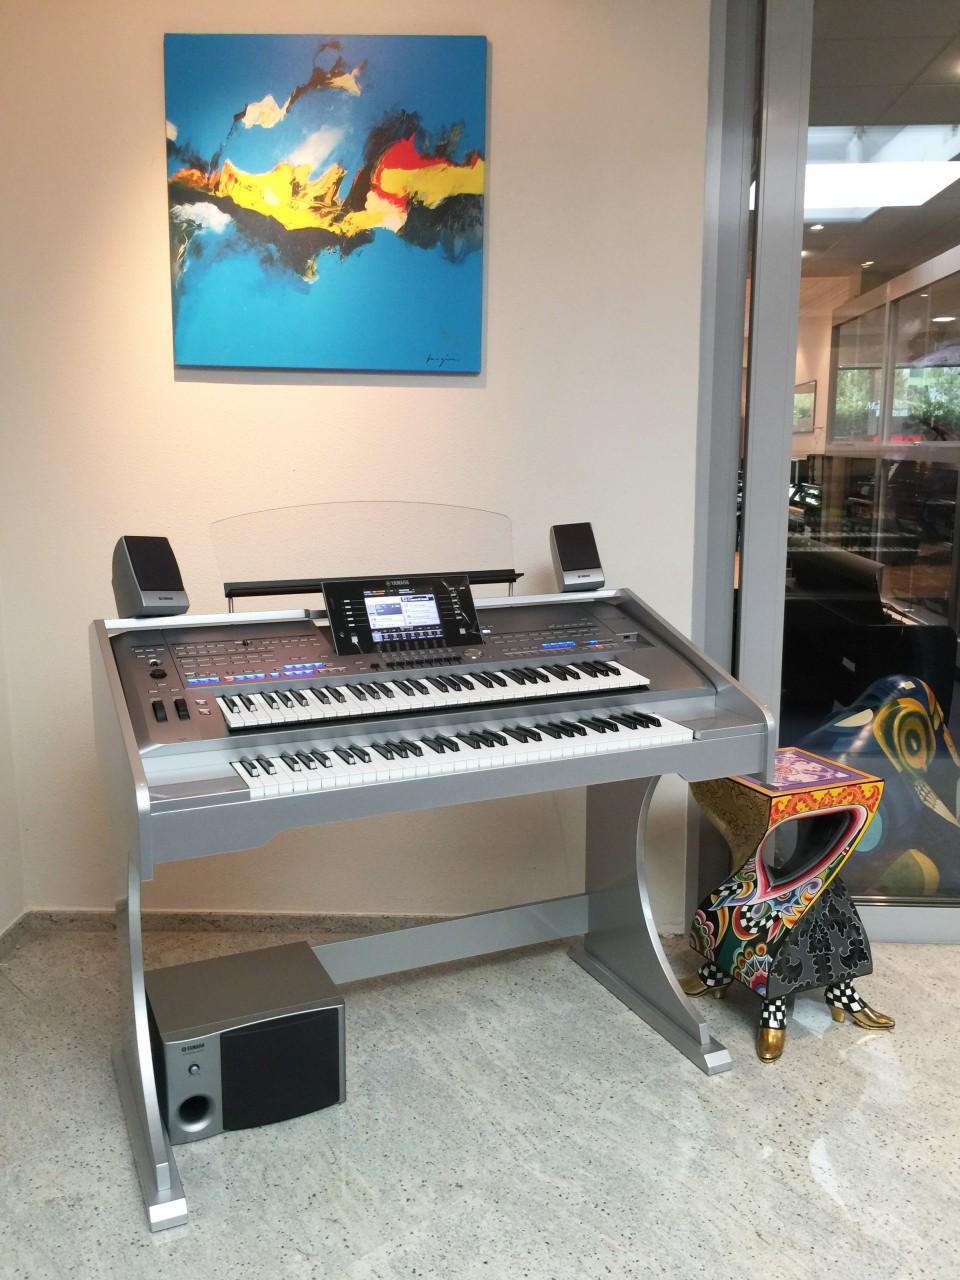 TWIN 2-klaviers uitbreiding voor Yamaha Tyros5-61 Occasion